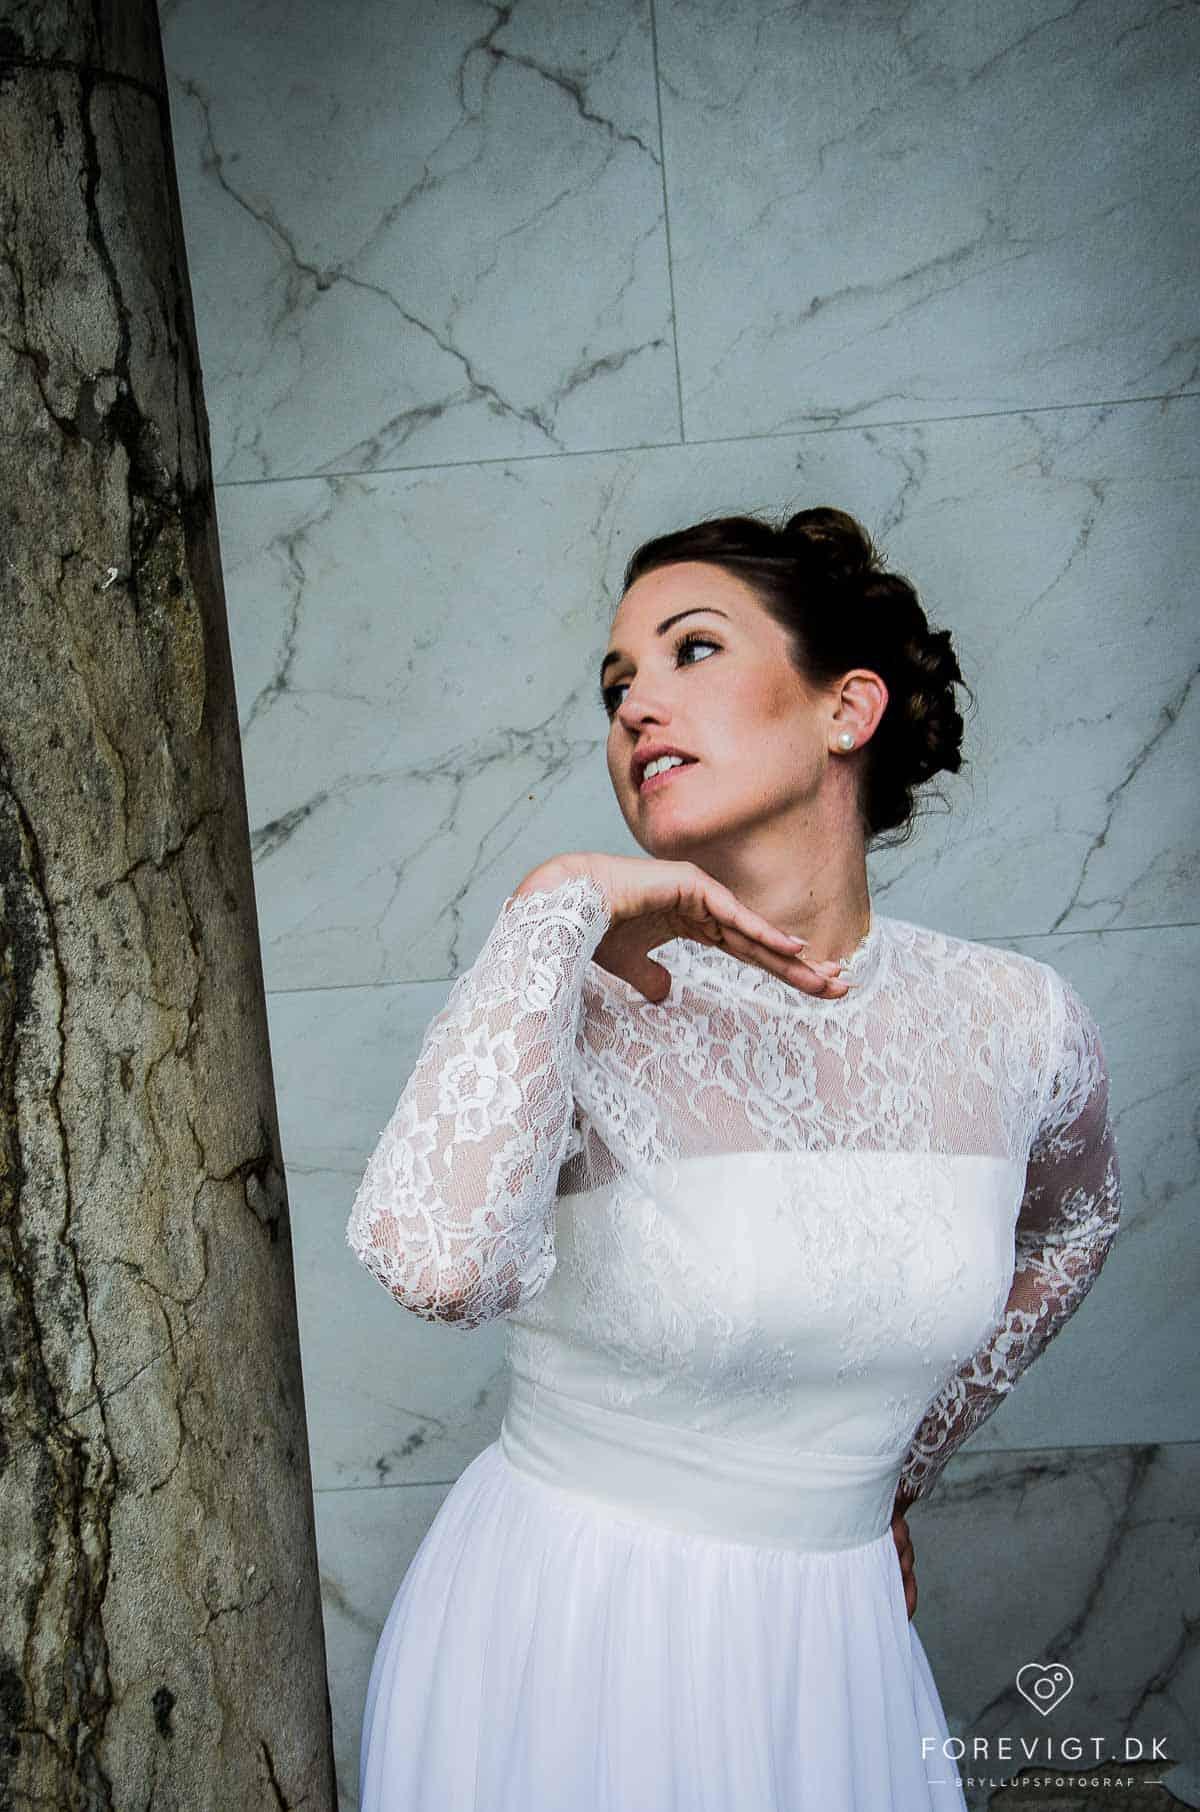 Flere billeder af bryllup frederiksberg have